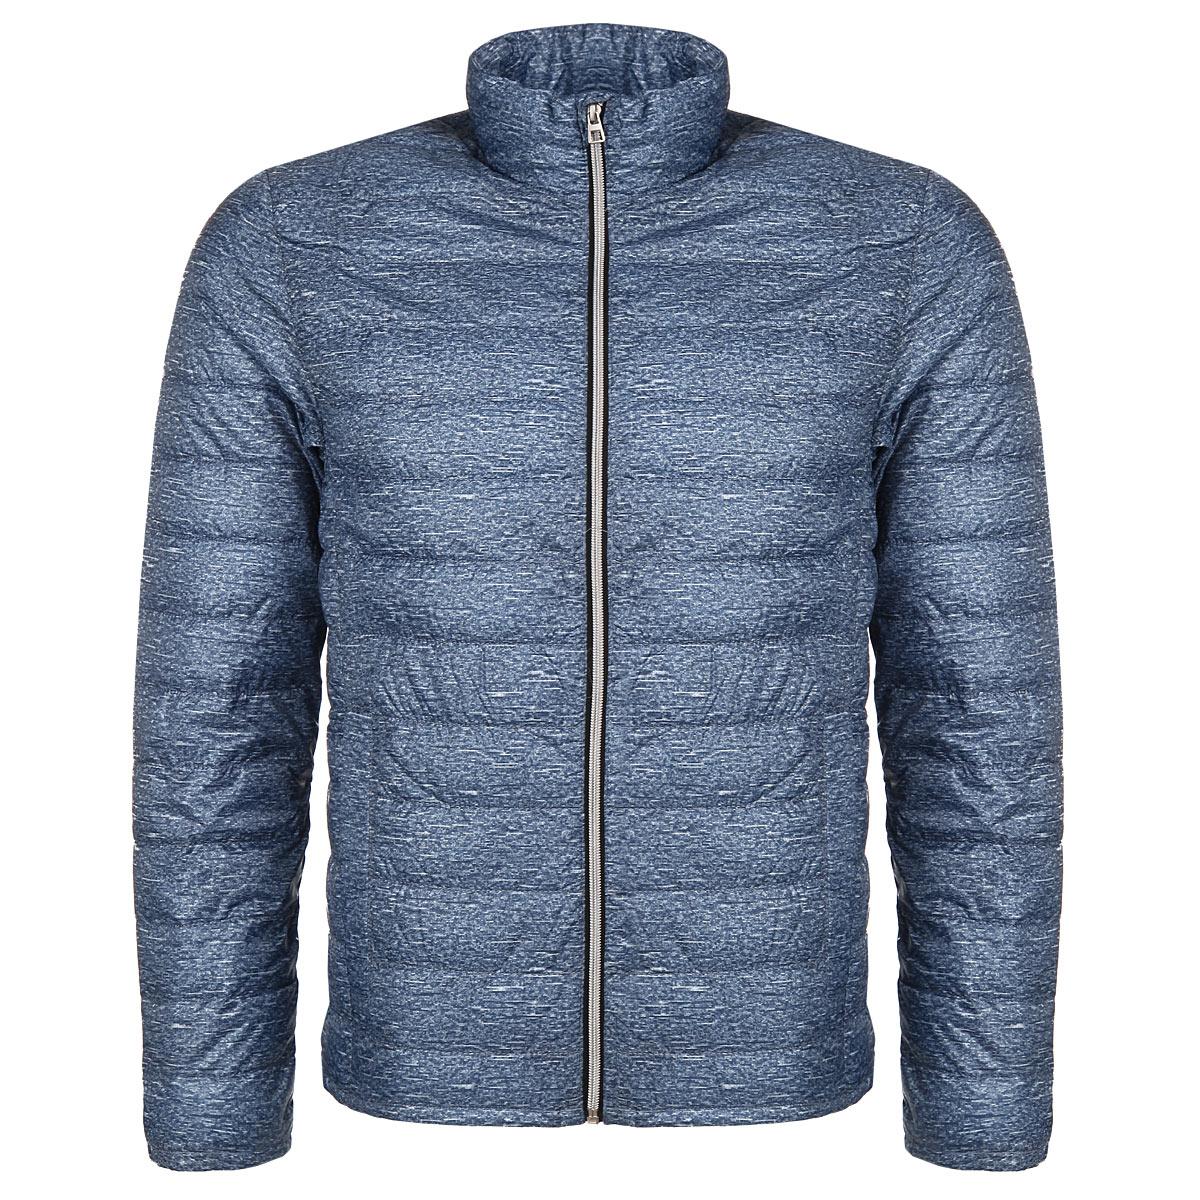 3522408.00.12Стильная и легкая мужская куртка Tom Tailor Denim отлично подойдет для прохладной погоды. Модель прямого кроя с воротником-стойкой застегивается на застежку-молнию с защитой подбородка. Утеплитель выполнен из синтепона. Куртка оформлена стеганой отстрочкой и дополнена двумя боковыми карманами. На внутренней стороне - два накладных кармана. Эта модная куртка послужит отличным дополнением к вашему гардеробу. В комплекте чехол для хранения куртки на кулиске.